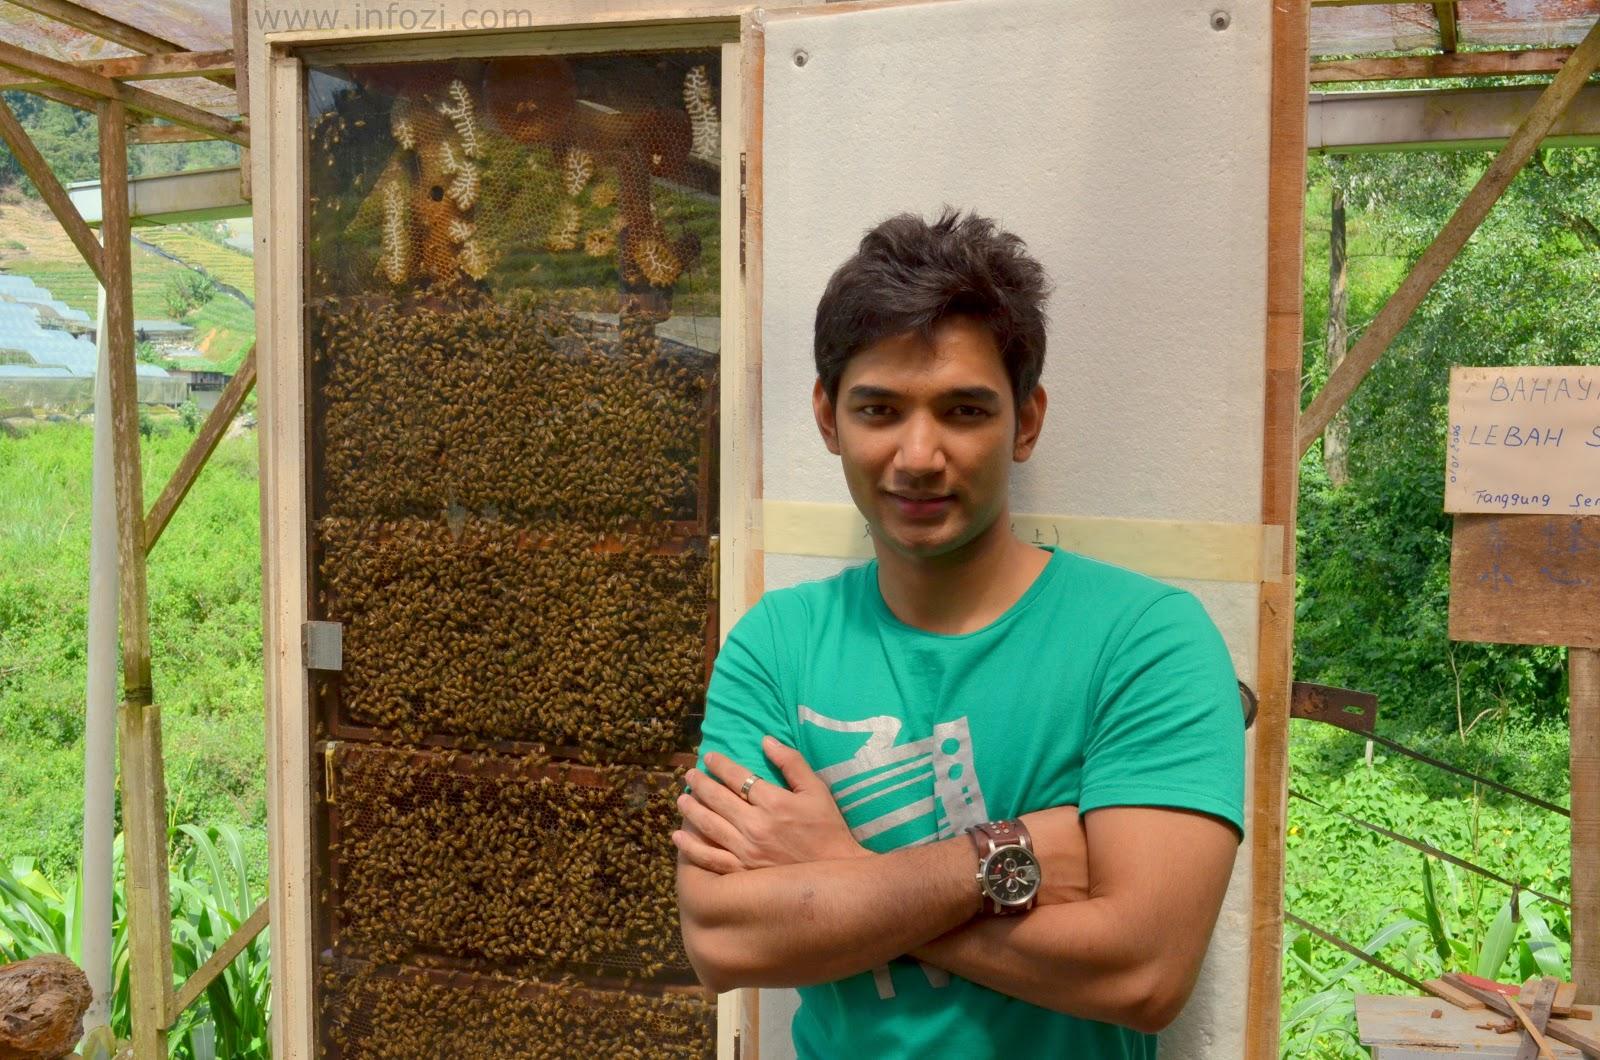 ladang lebah